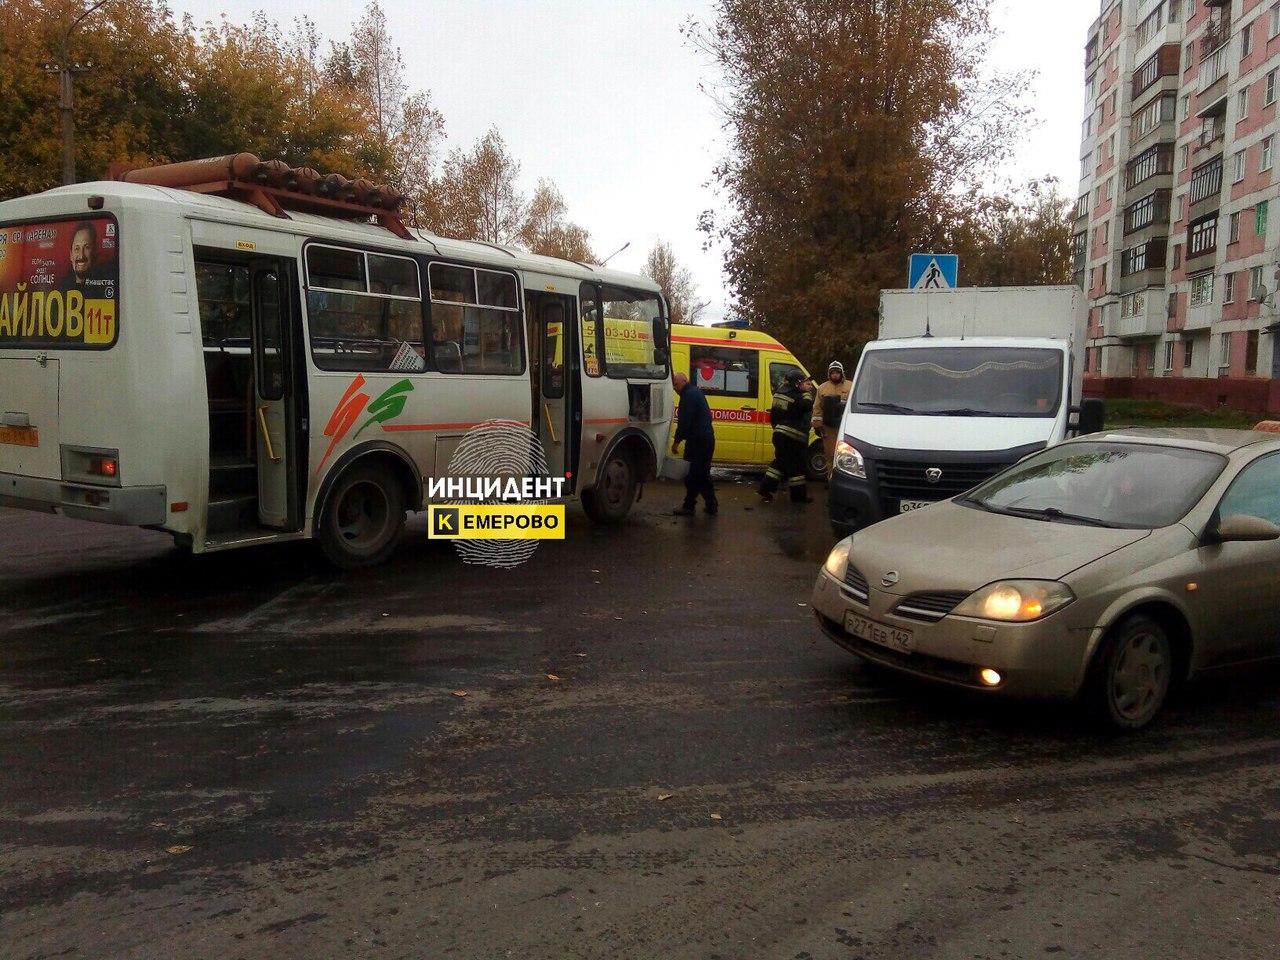 ВКемерово маршрутка врезалась в«Газель», два человека пострадали